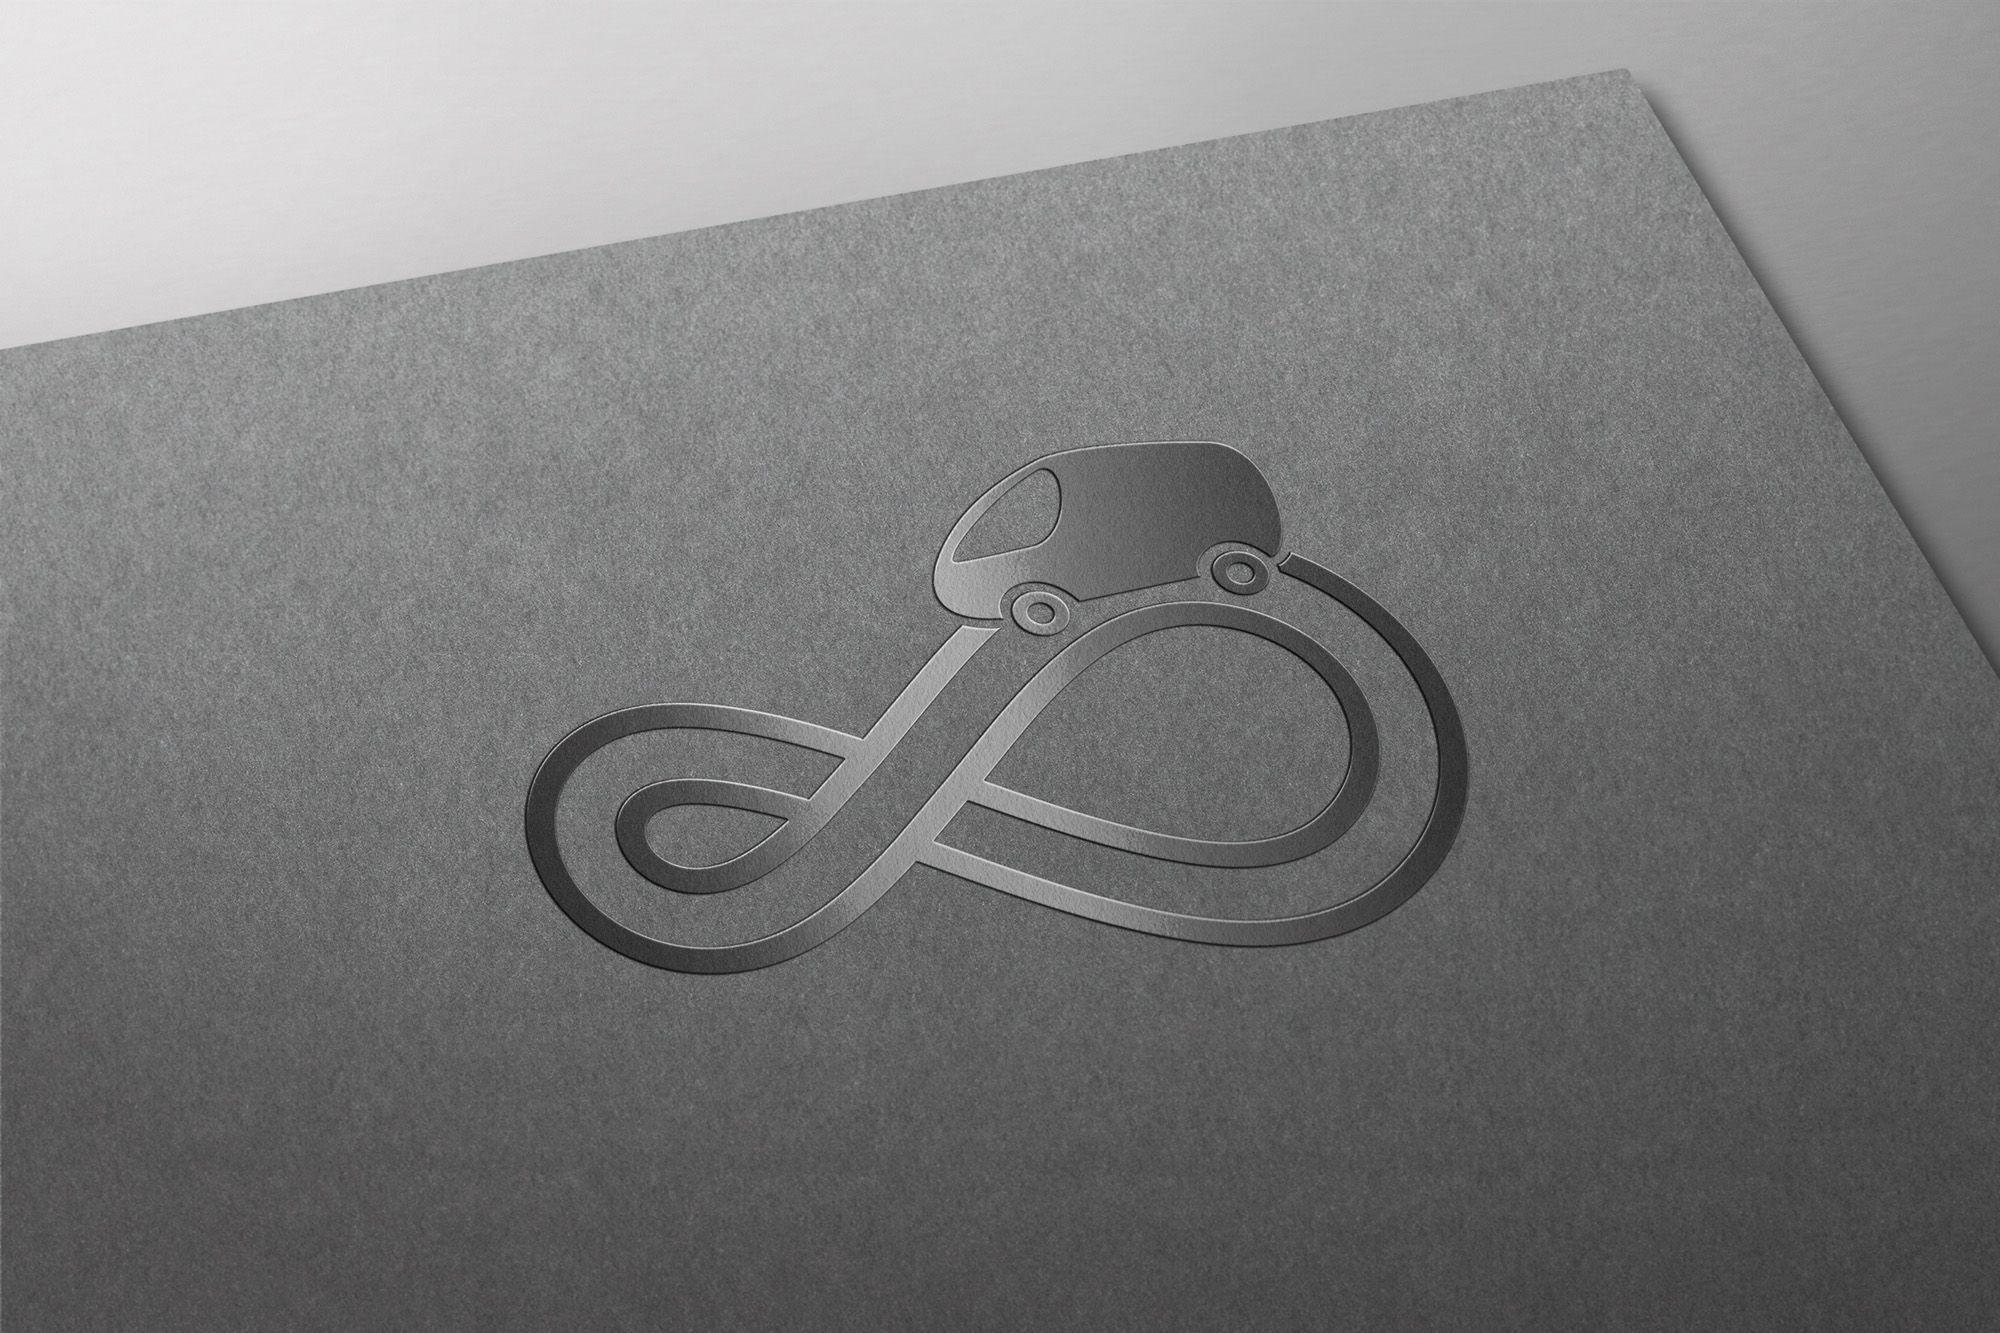 Логотип и визитка для транспортной компании - дизайнер trocky18